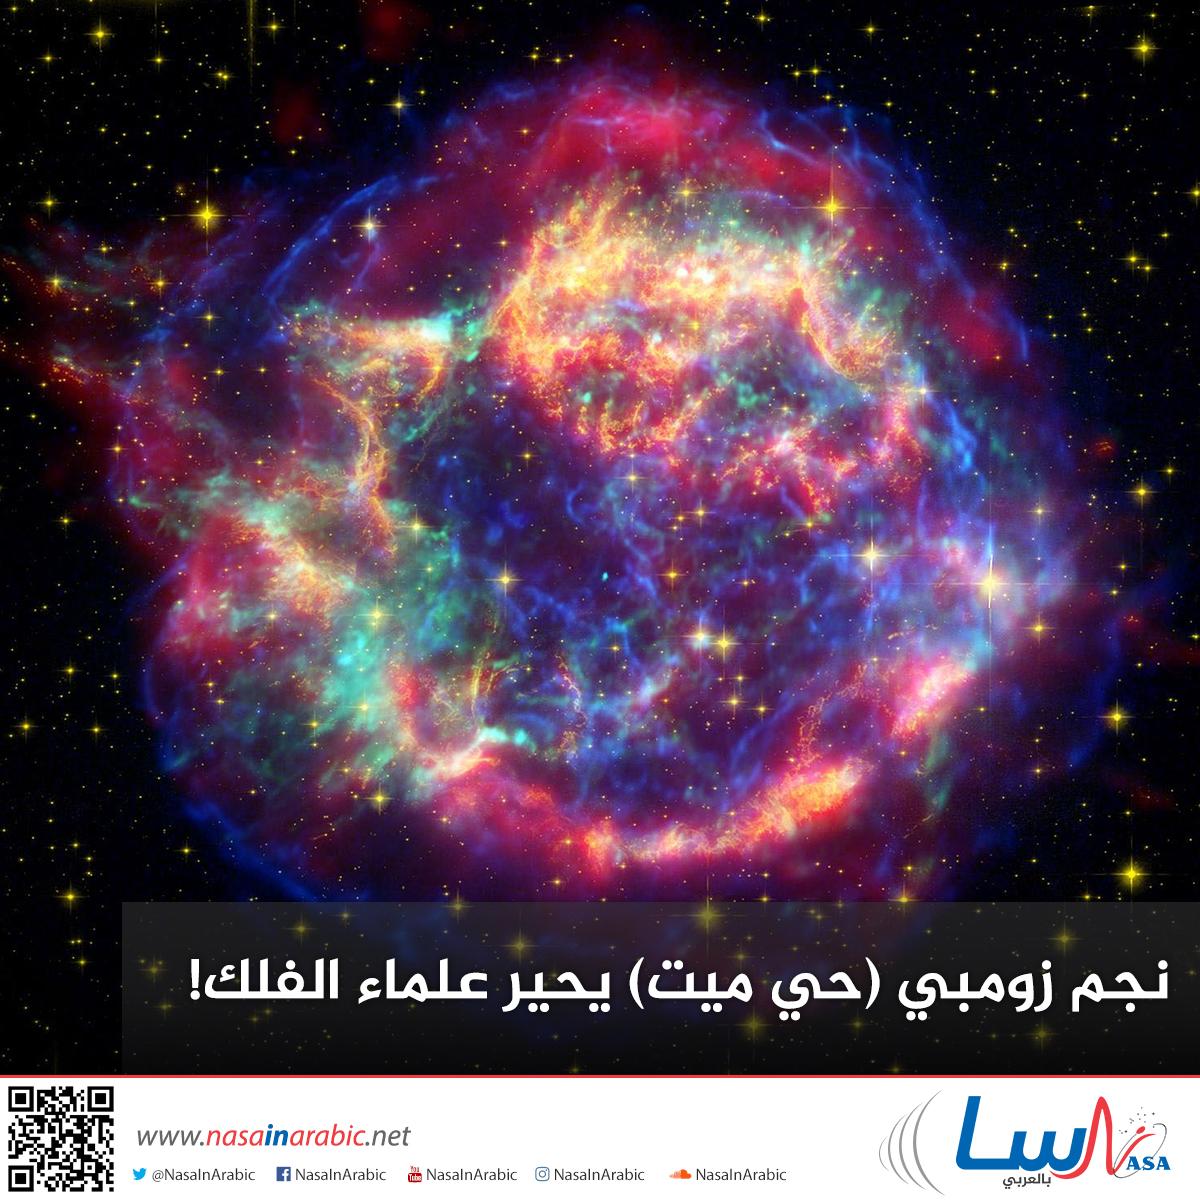 نجم زومبي (حي ميت) يحير علماء الفلك!